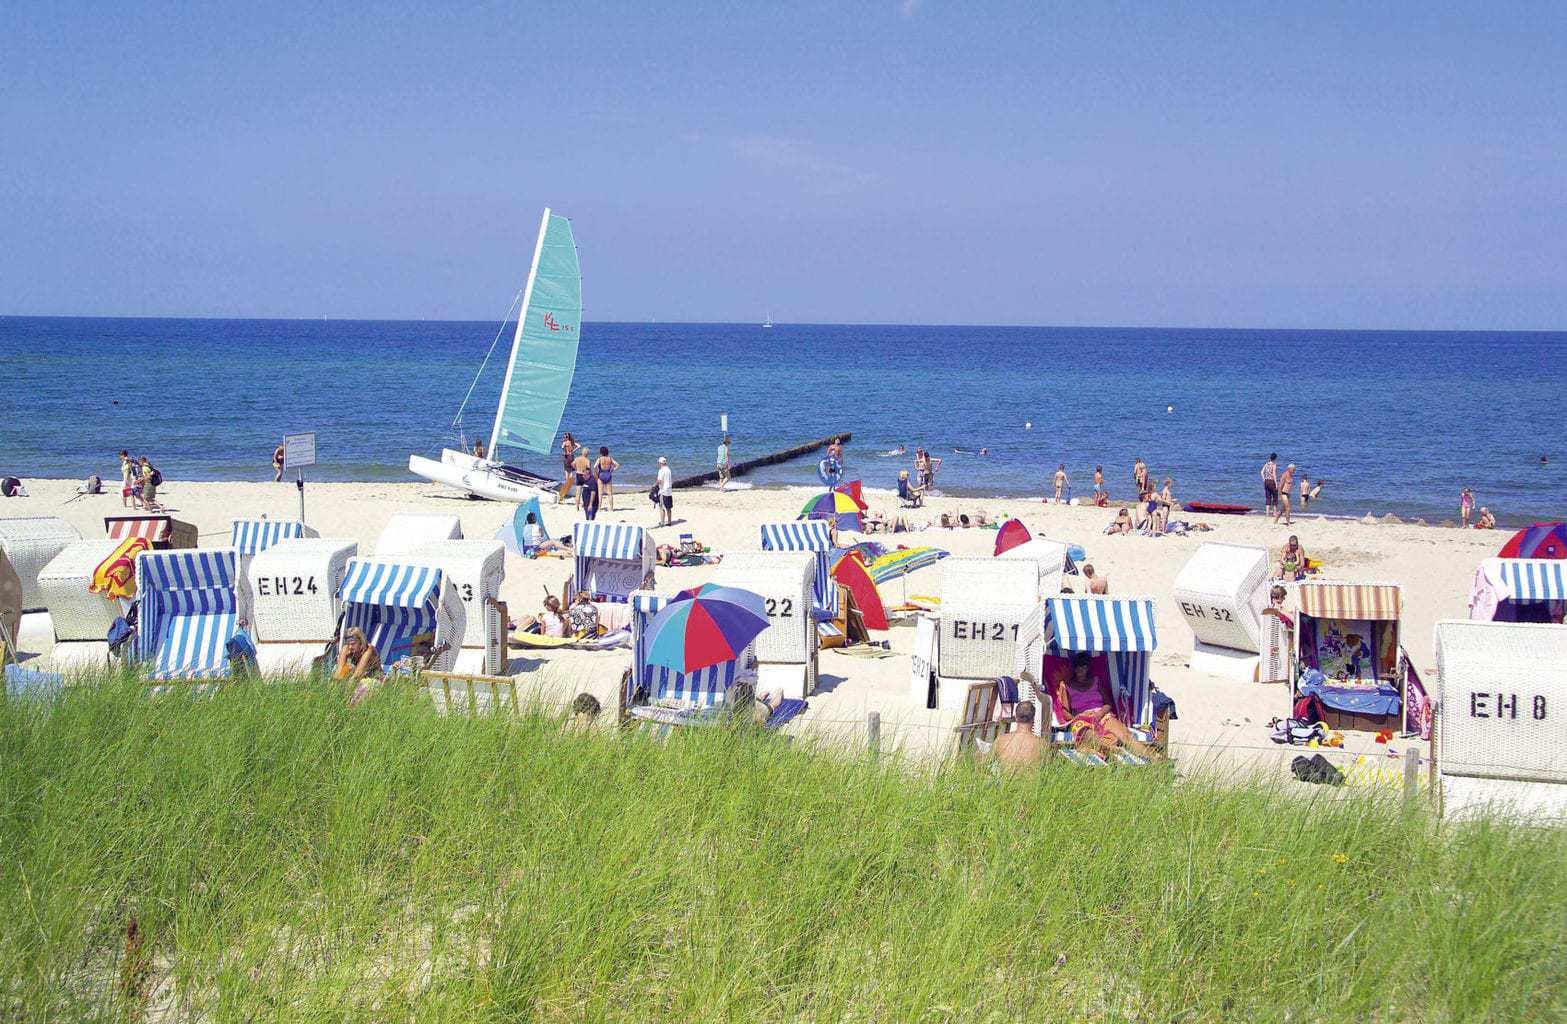 Strandkorven en surfers in het Duitse badplaatsje Külungsborn